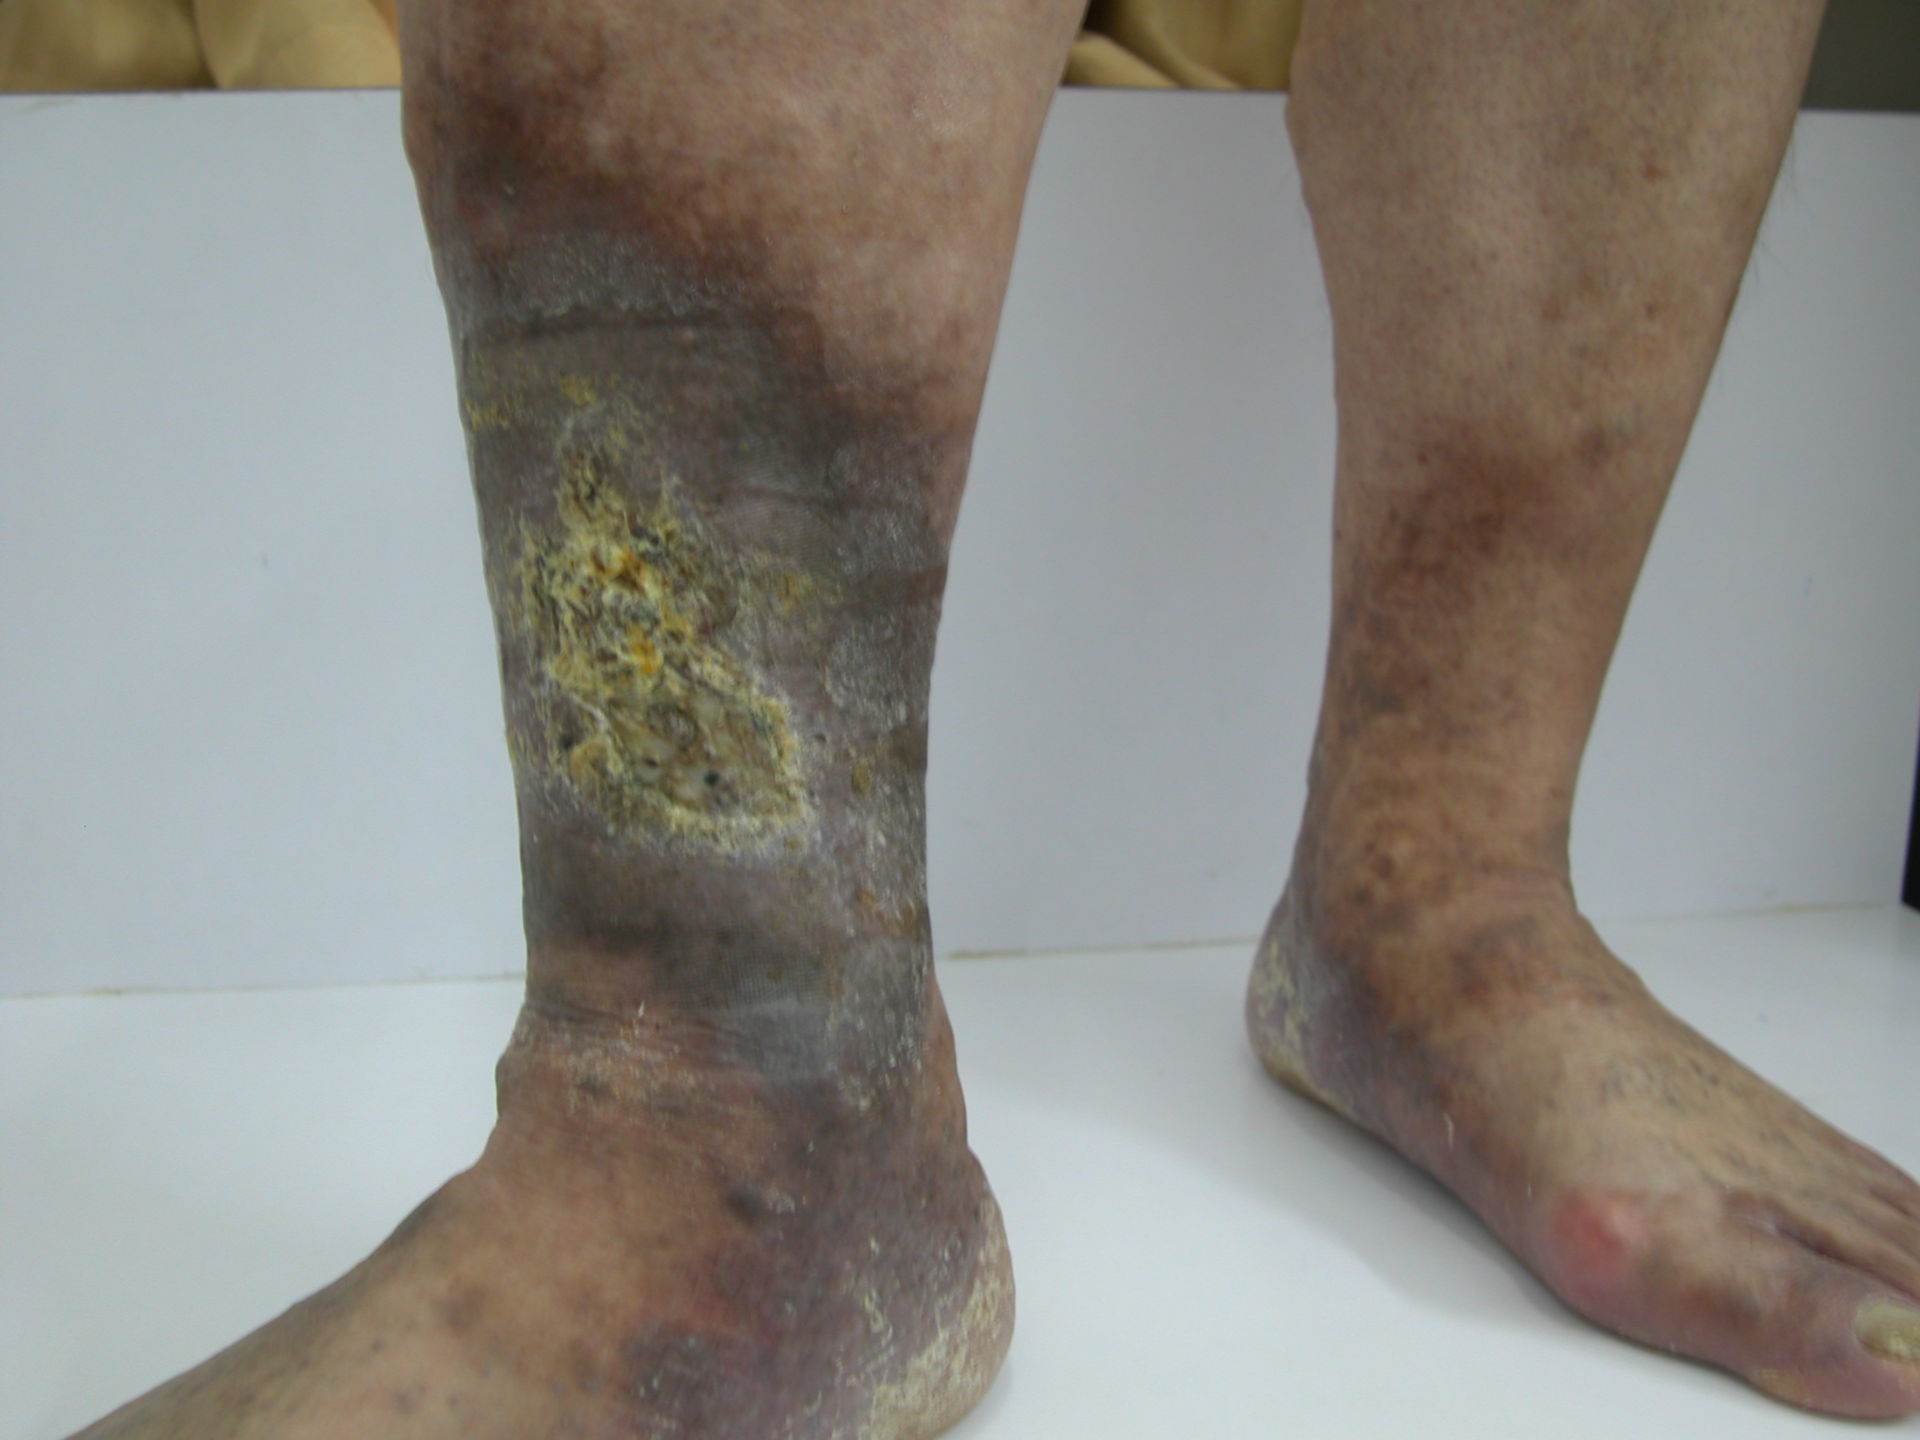 Vene varicose con formazione di crosta. Iperpigmentazione,non trattata in lunga data.